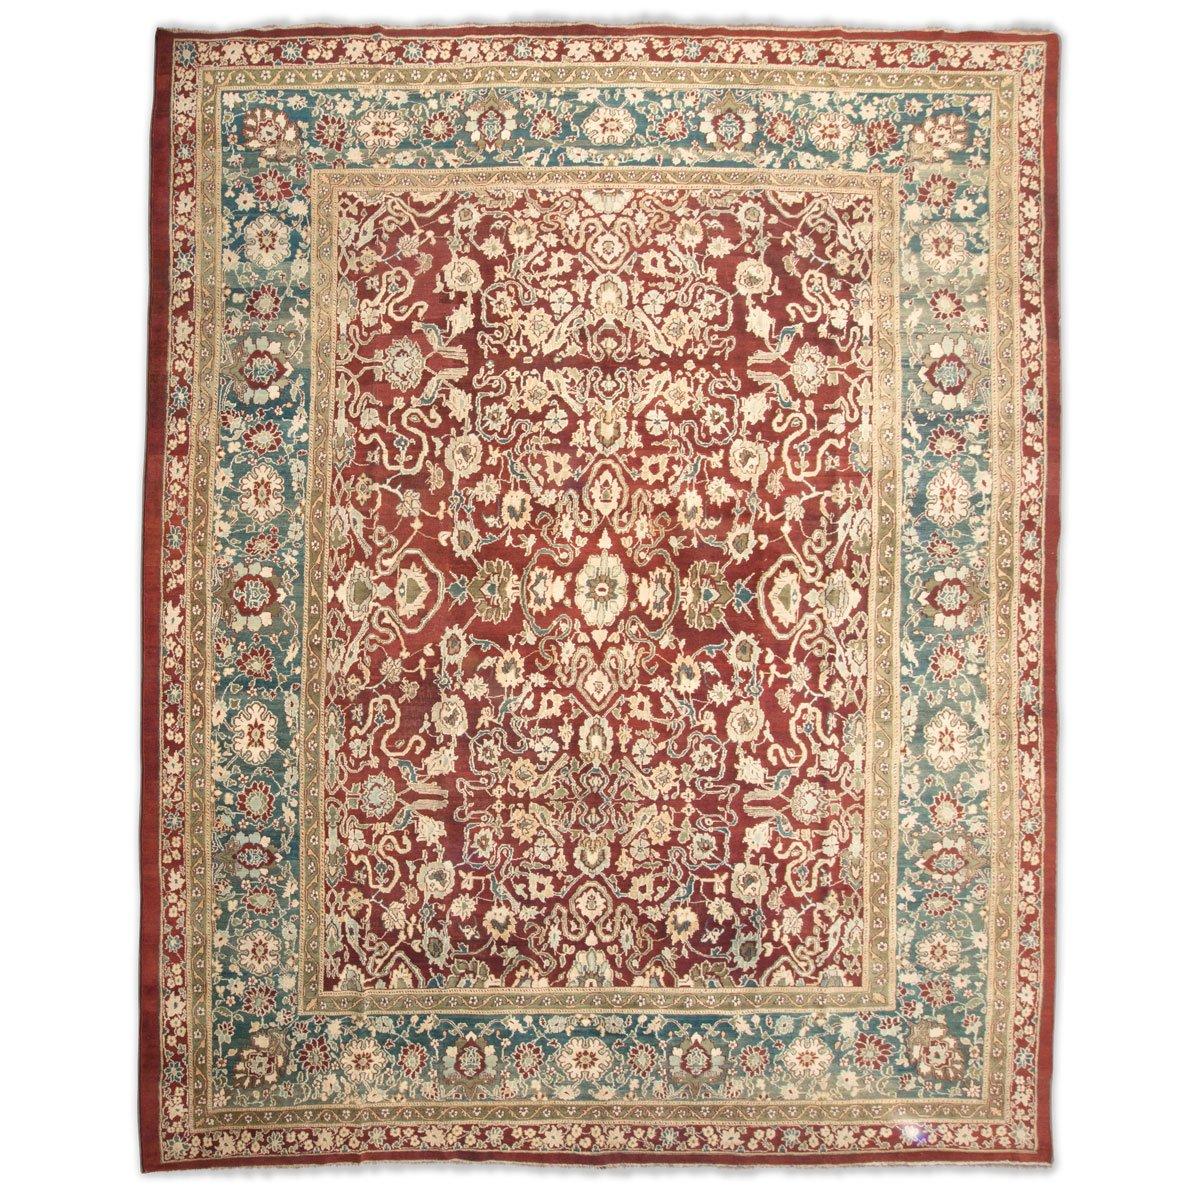 Agra Teppich in Rot, Grün und Beige, 19. Jh. bei Pamono kaufen